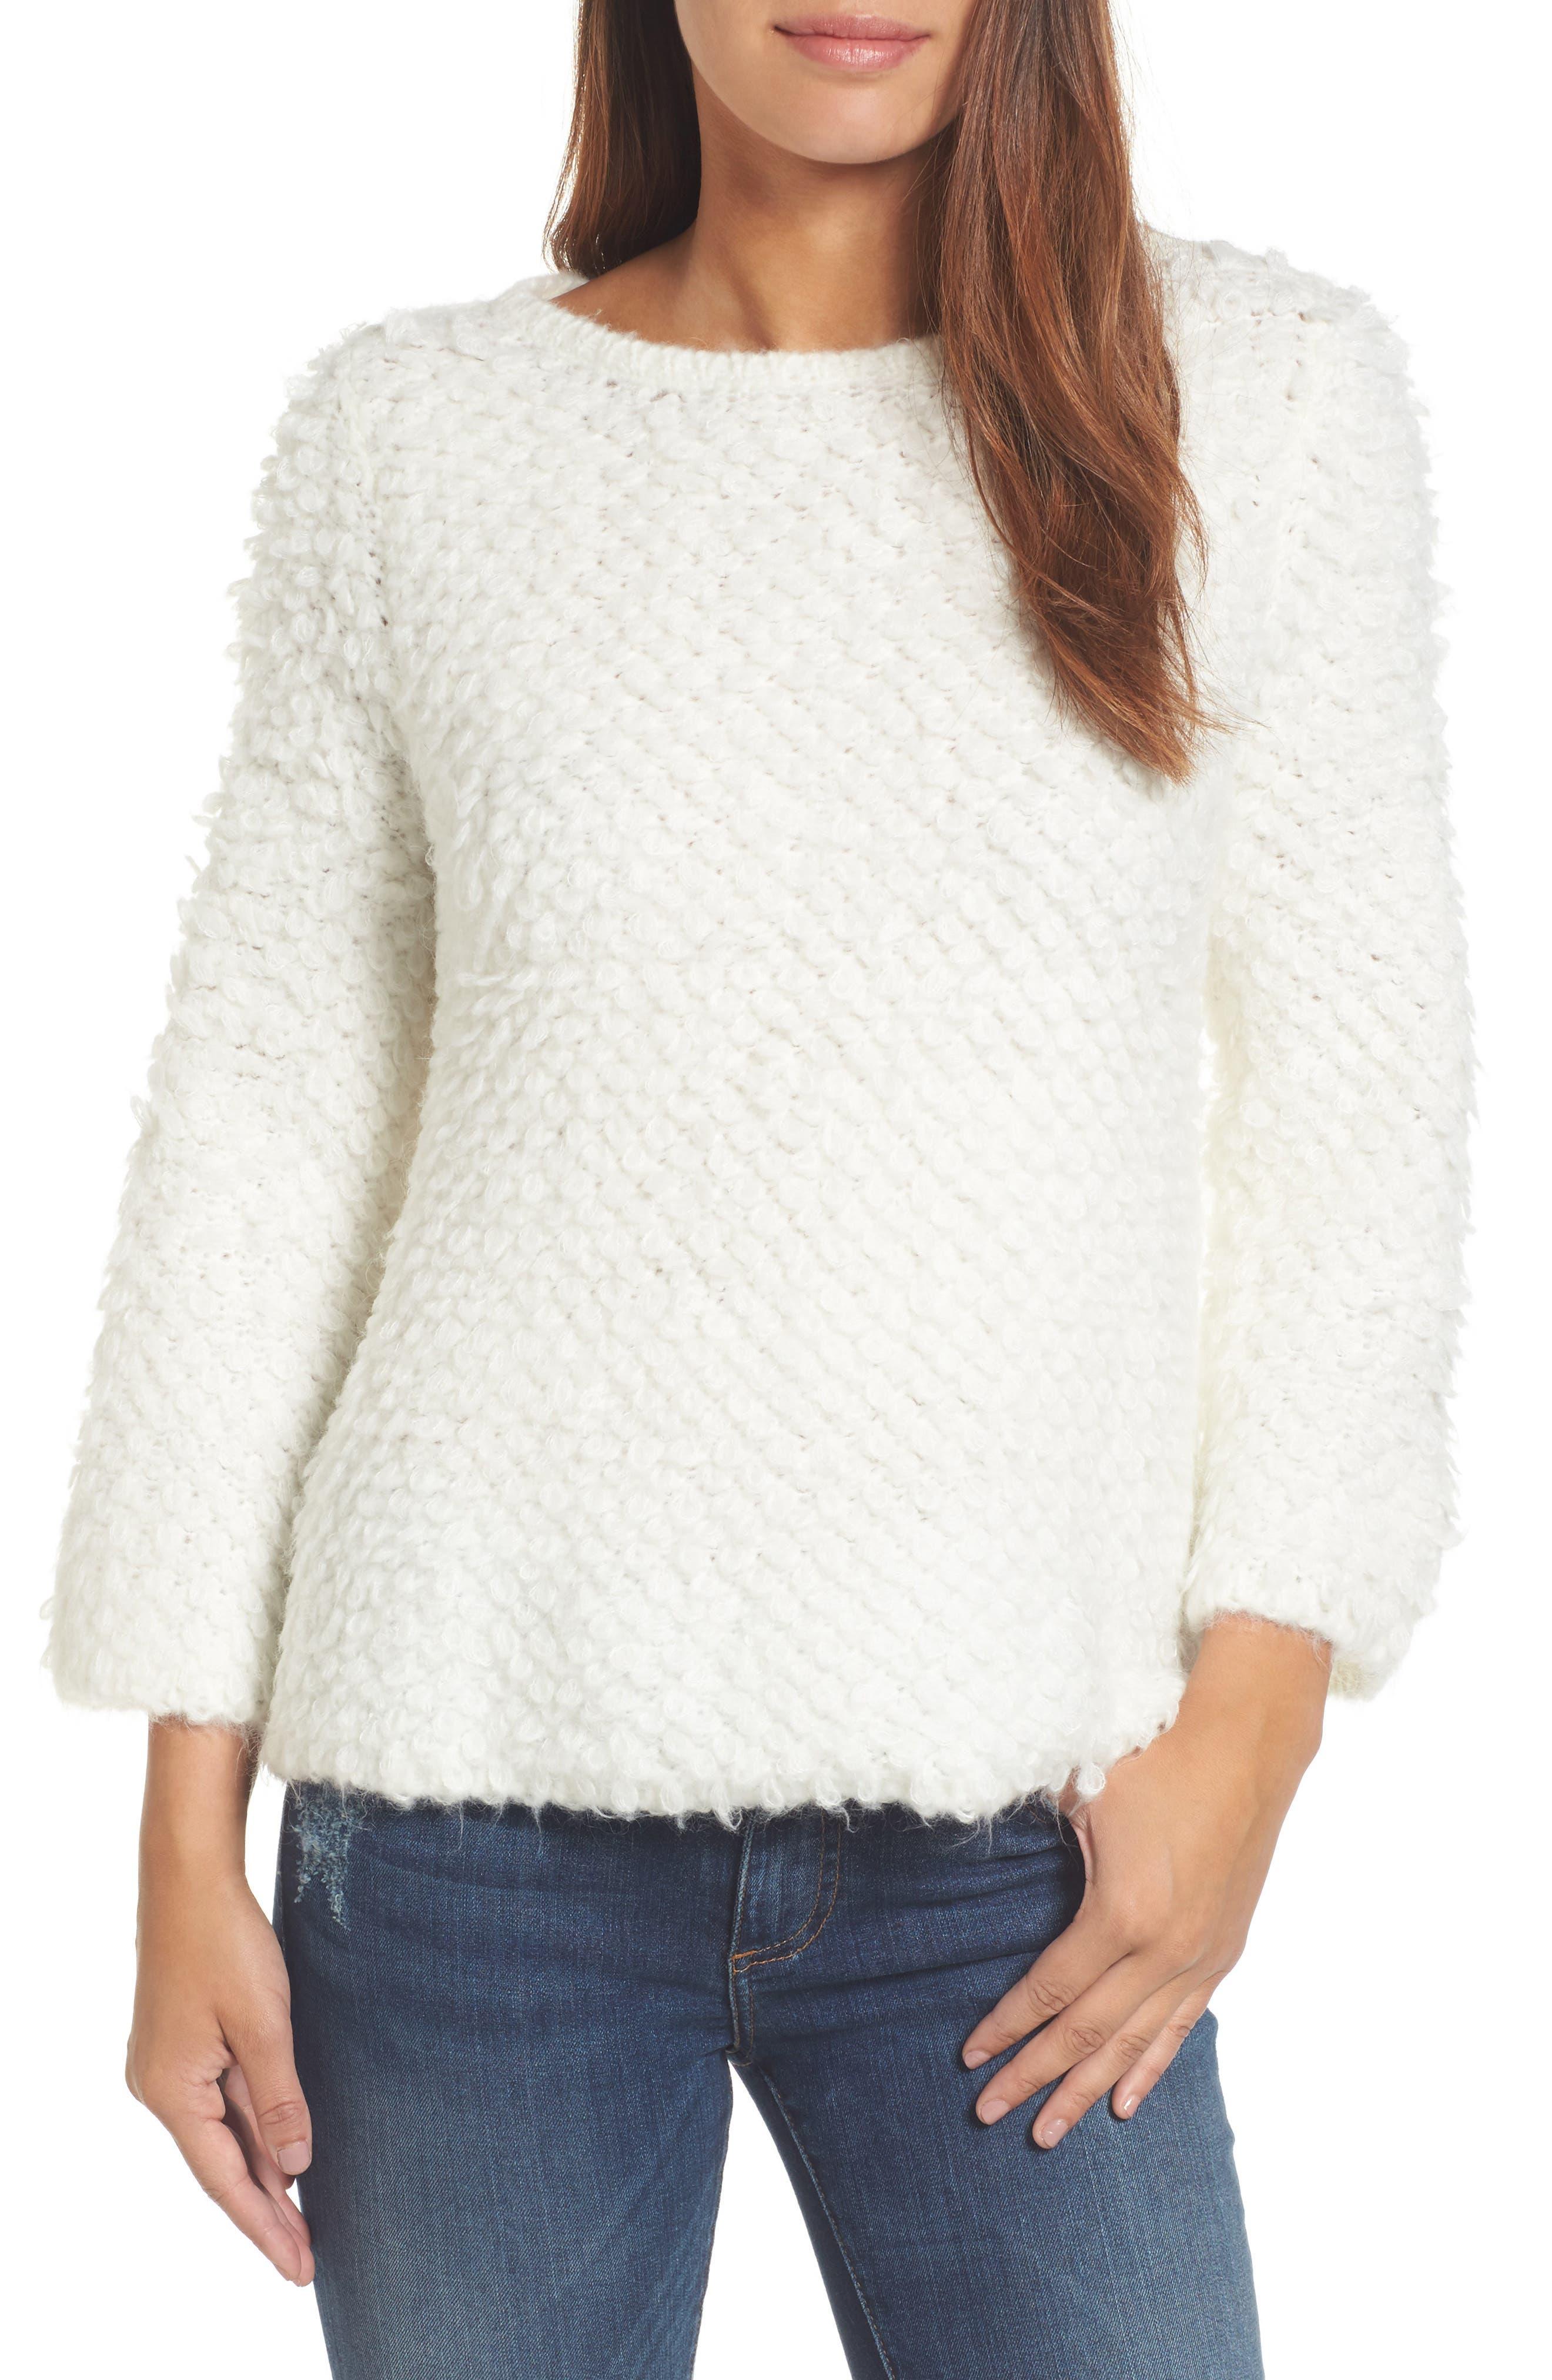 Caslon® Loop Stitch Crewneck Sweater